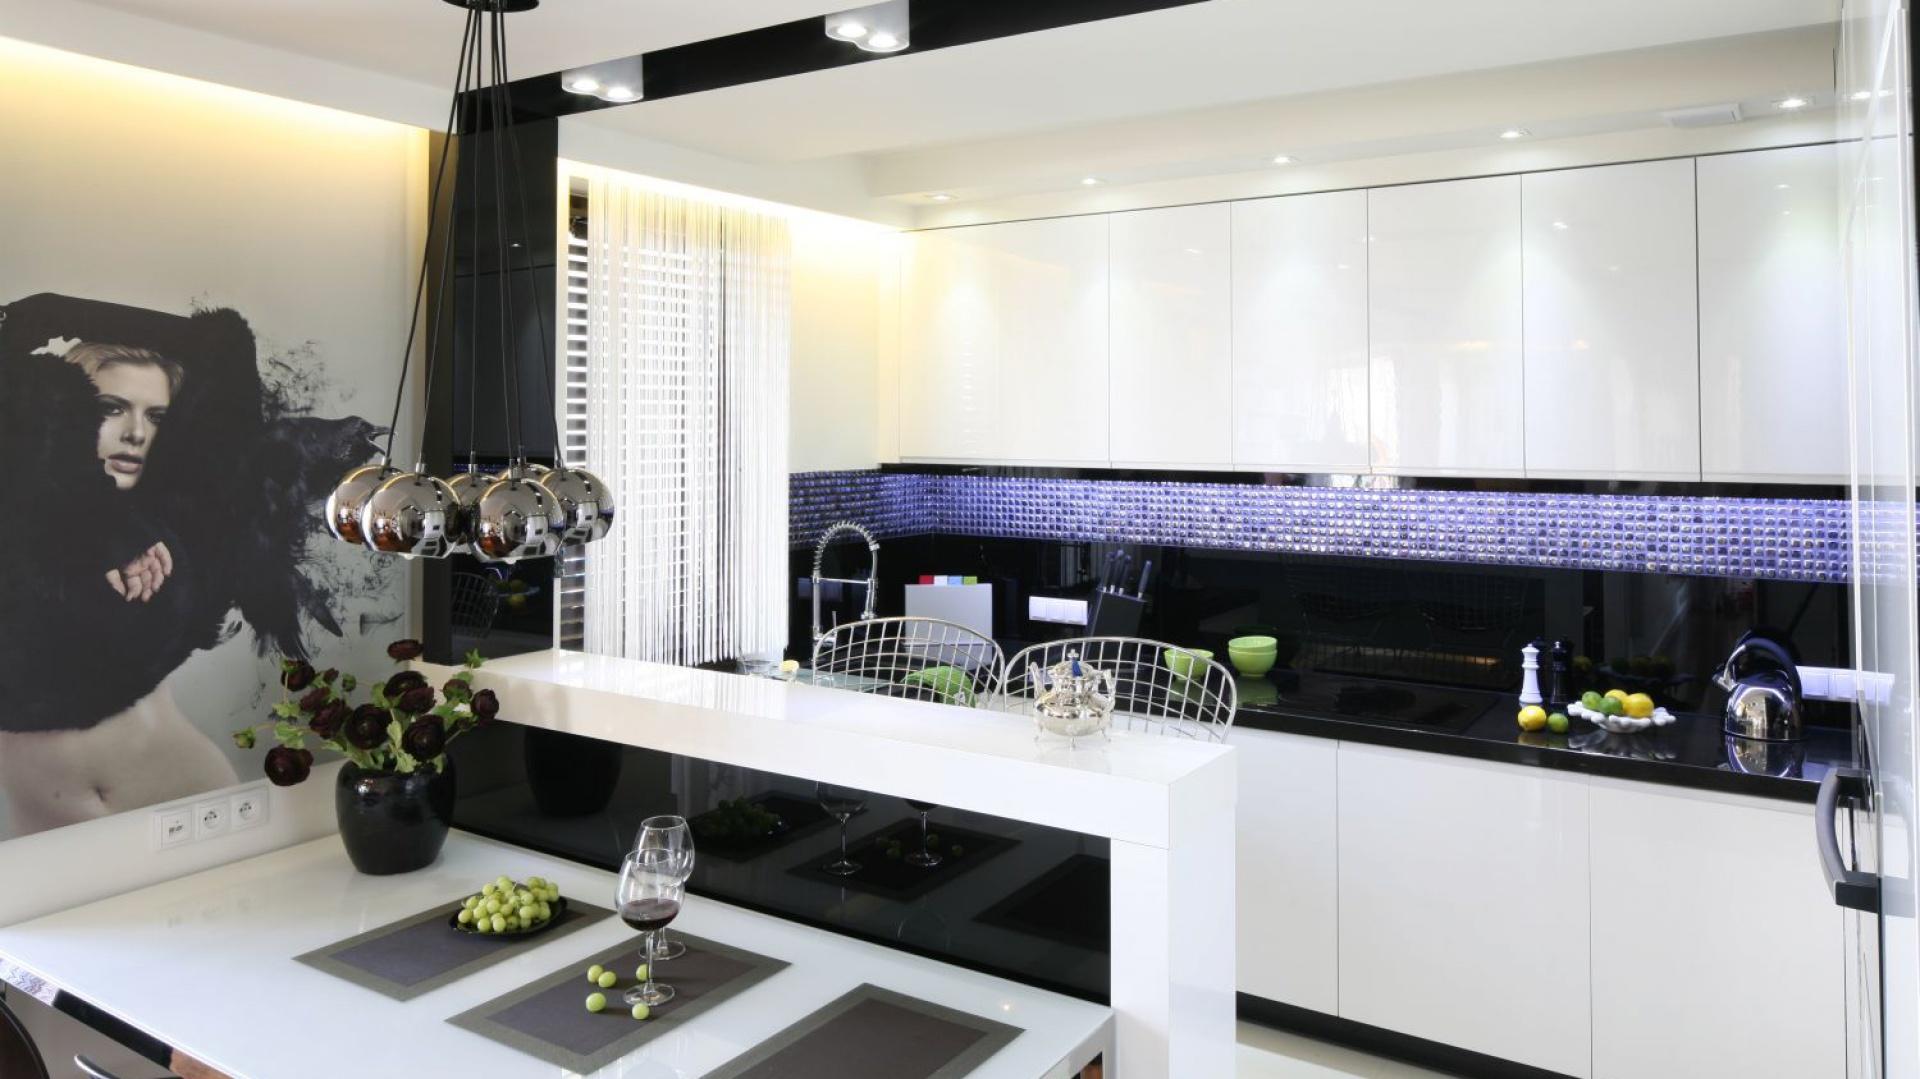 W tej eleganckiej czarno-białej kuchni ścianę nad blatem pokrywa szklana mozaika. Niepodświetlona ma czarny kolor, pod wpływem oświetlenia mieni się różnymi odcieniami. Projekt: Małgorzata Mazur. Fot. Bartosz Jarosz.